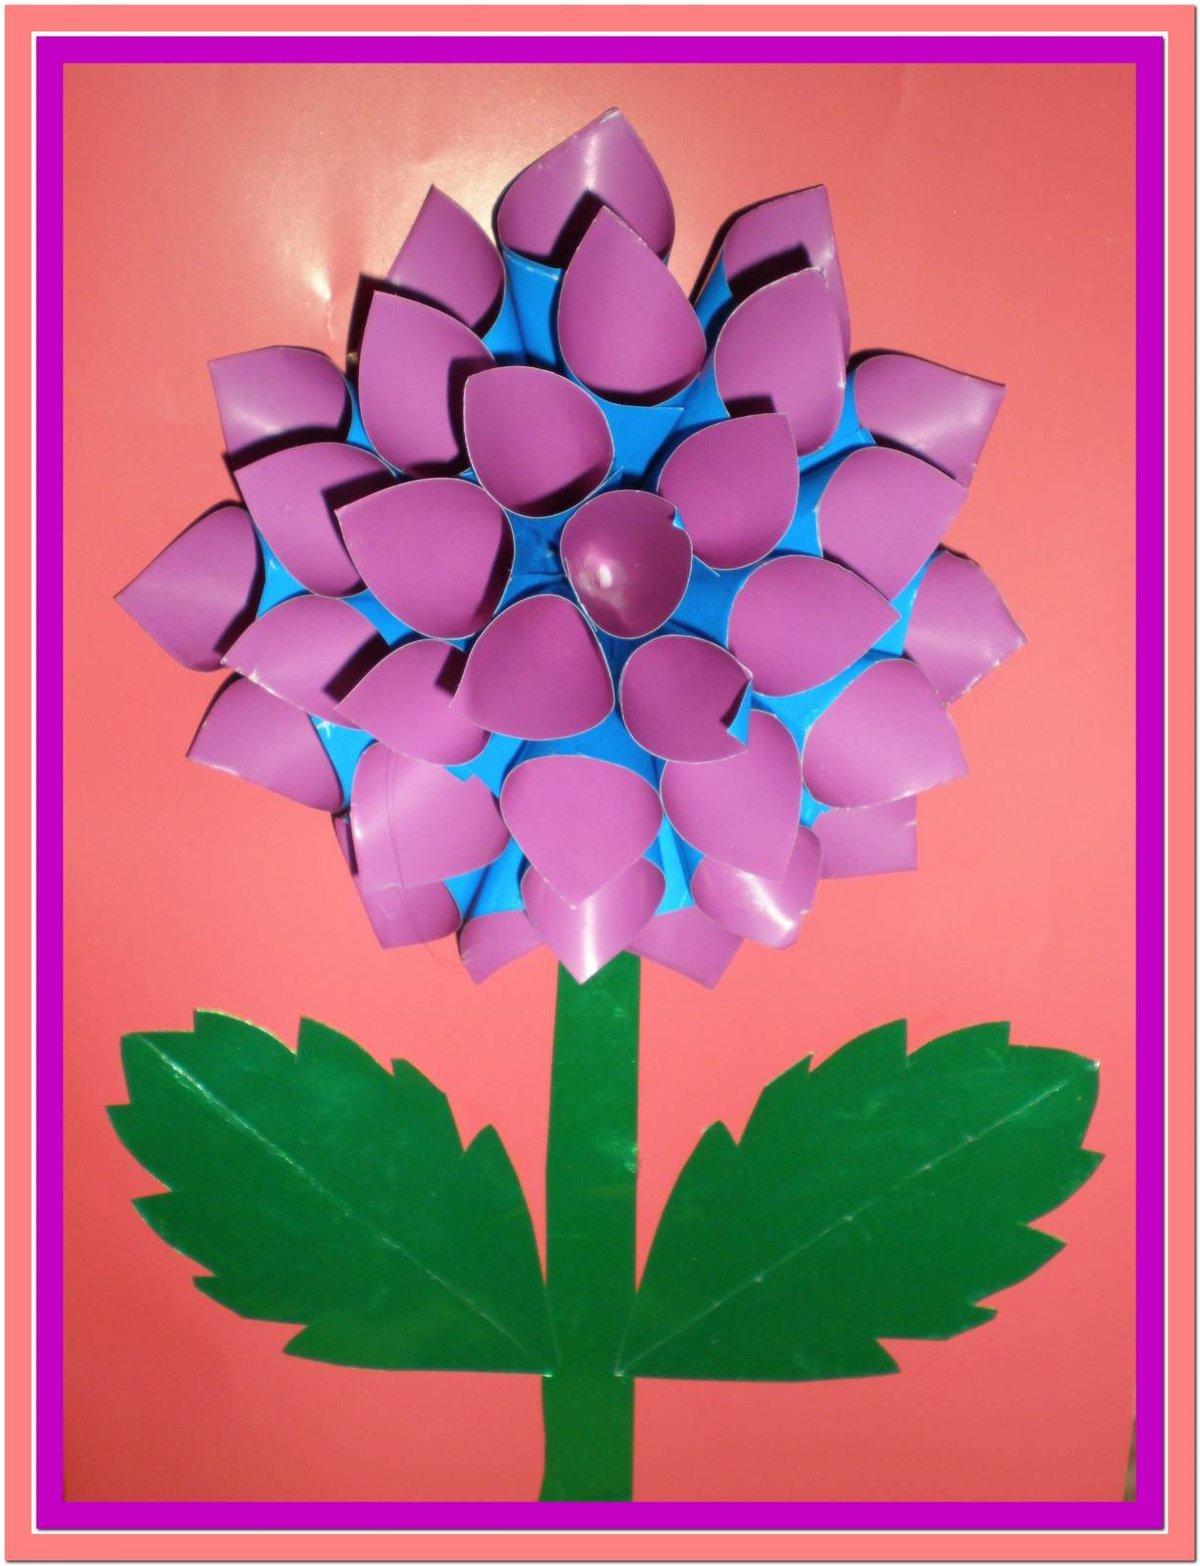 Картинки, как сделать из цветной бумаги цветы для открытки своими руками